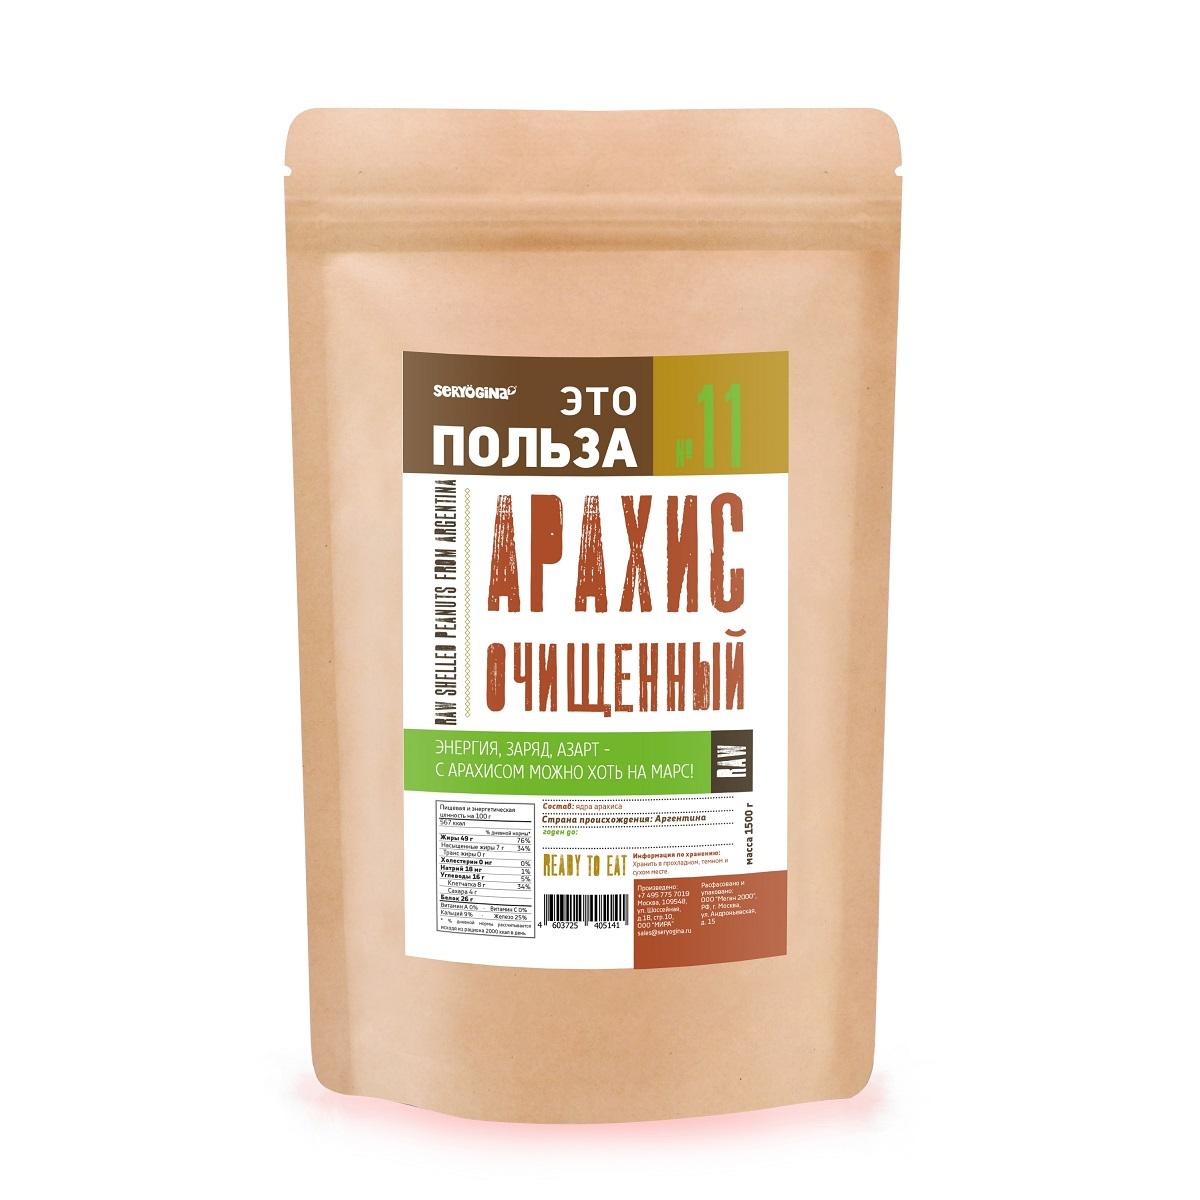 Seryogina арахис нежареный несоленый очищенный, 1500 г2535Самый популярный орешек в мире, с anti-age эффектом